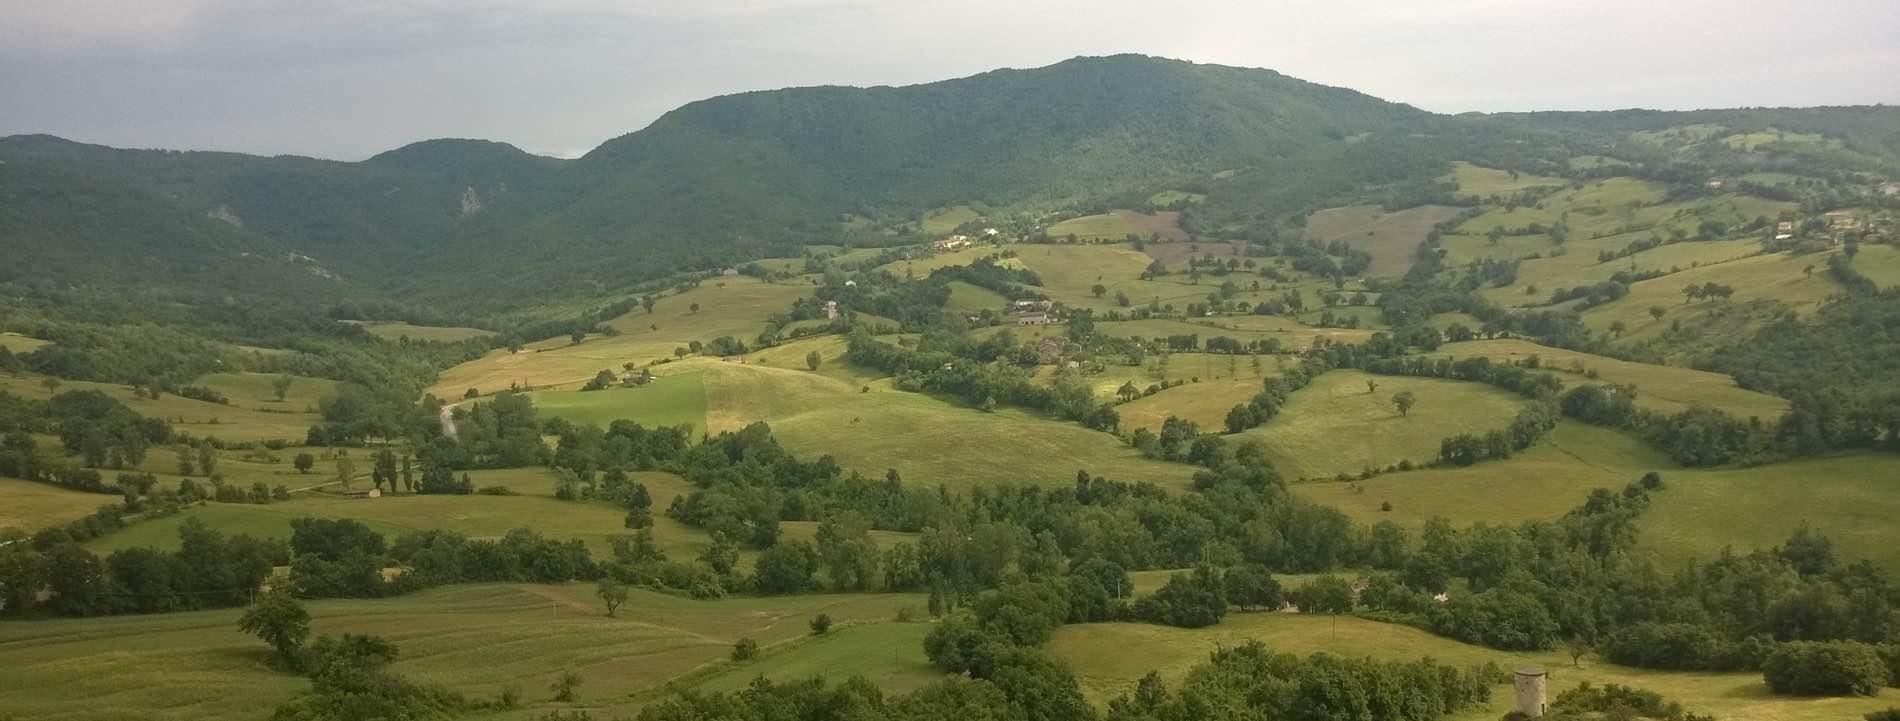 Panoramica di Pennabilli